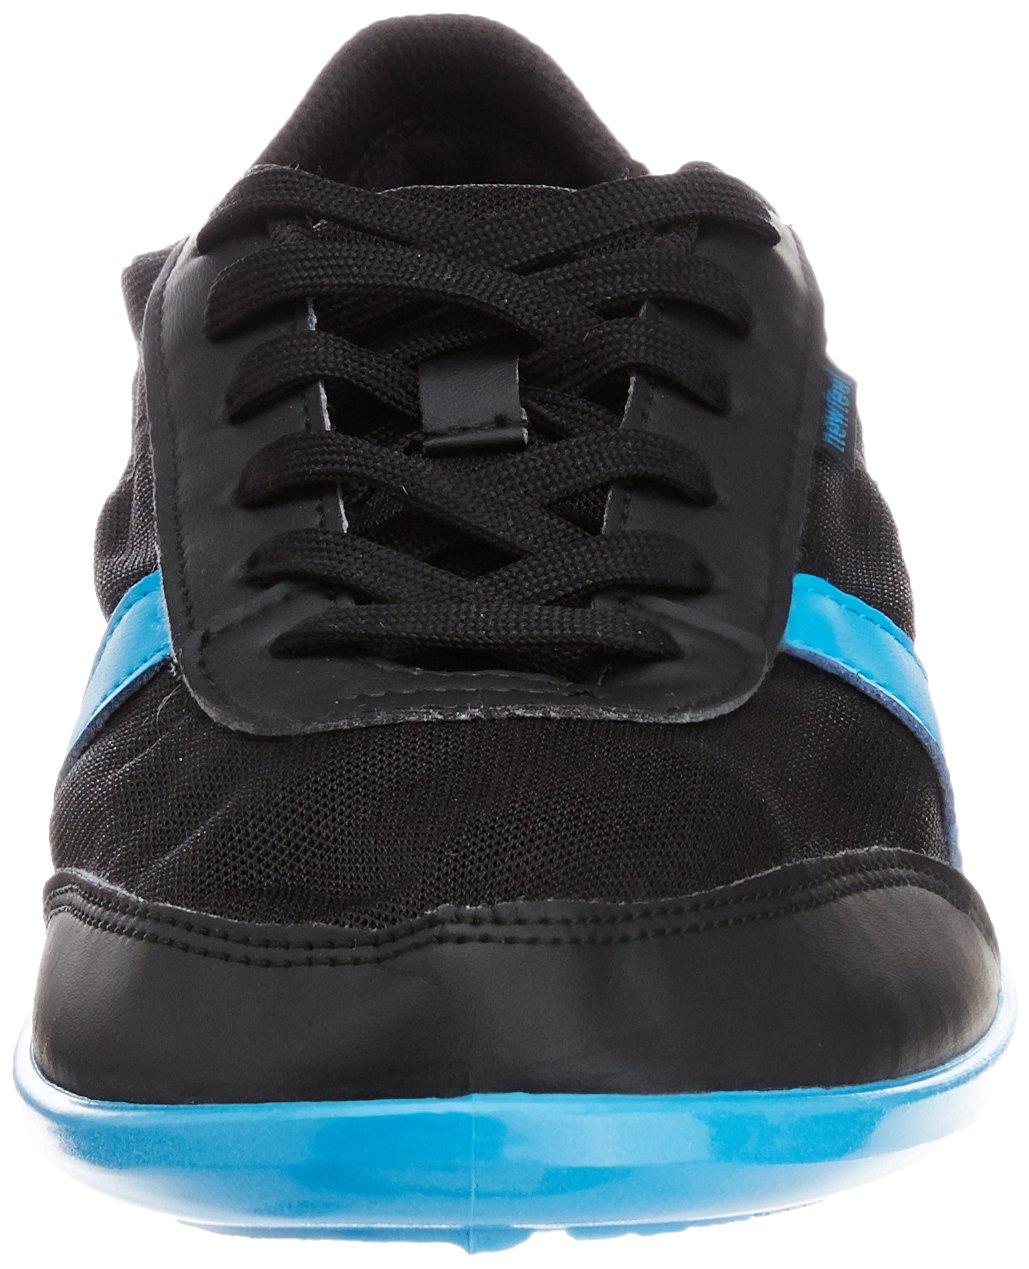 Decathlon Men's Canvas Sneakers- Buy